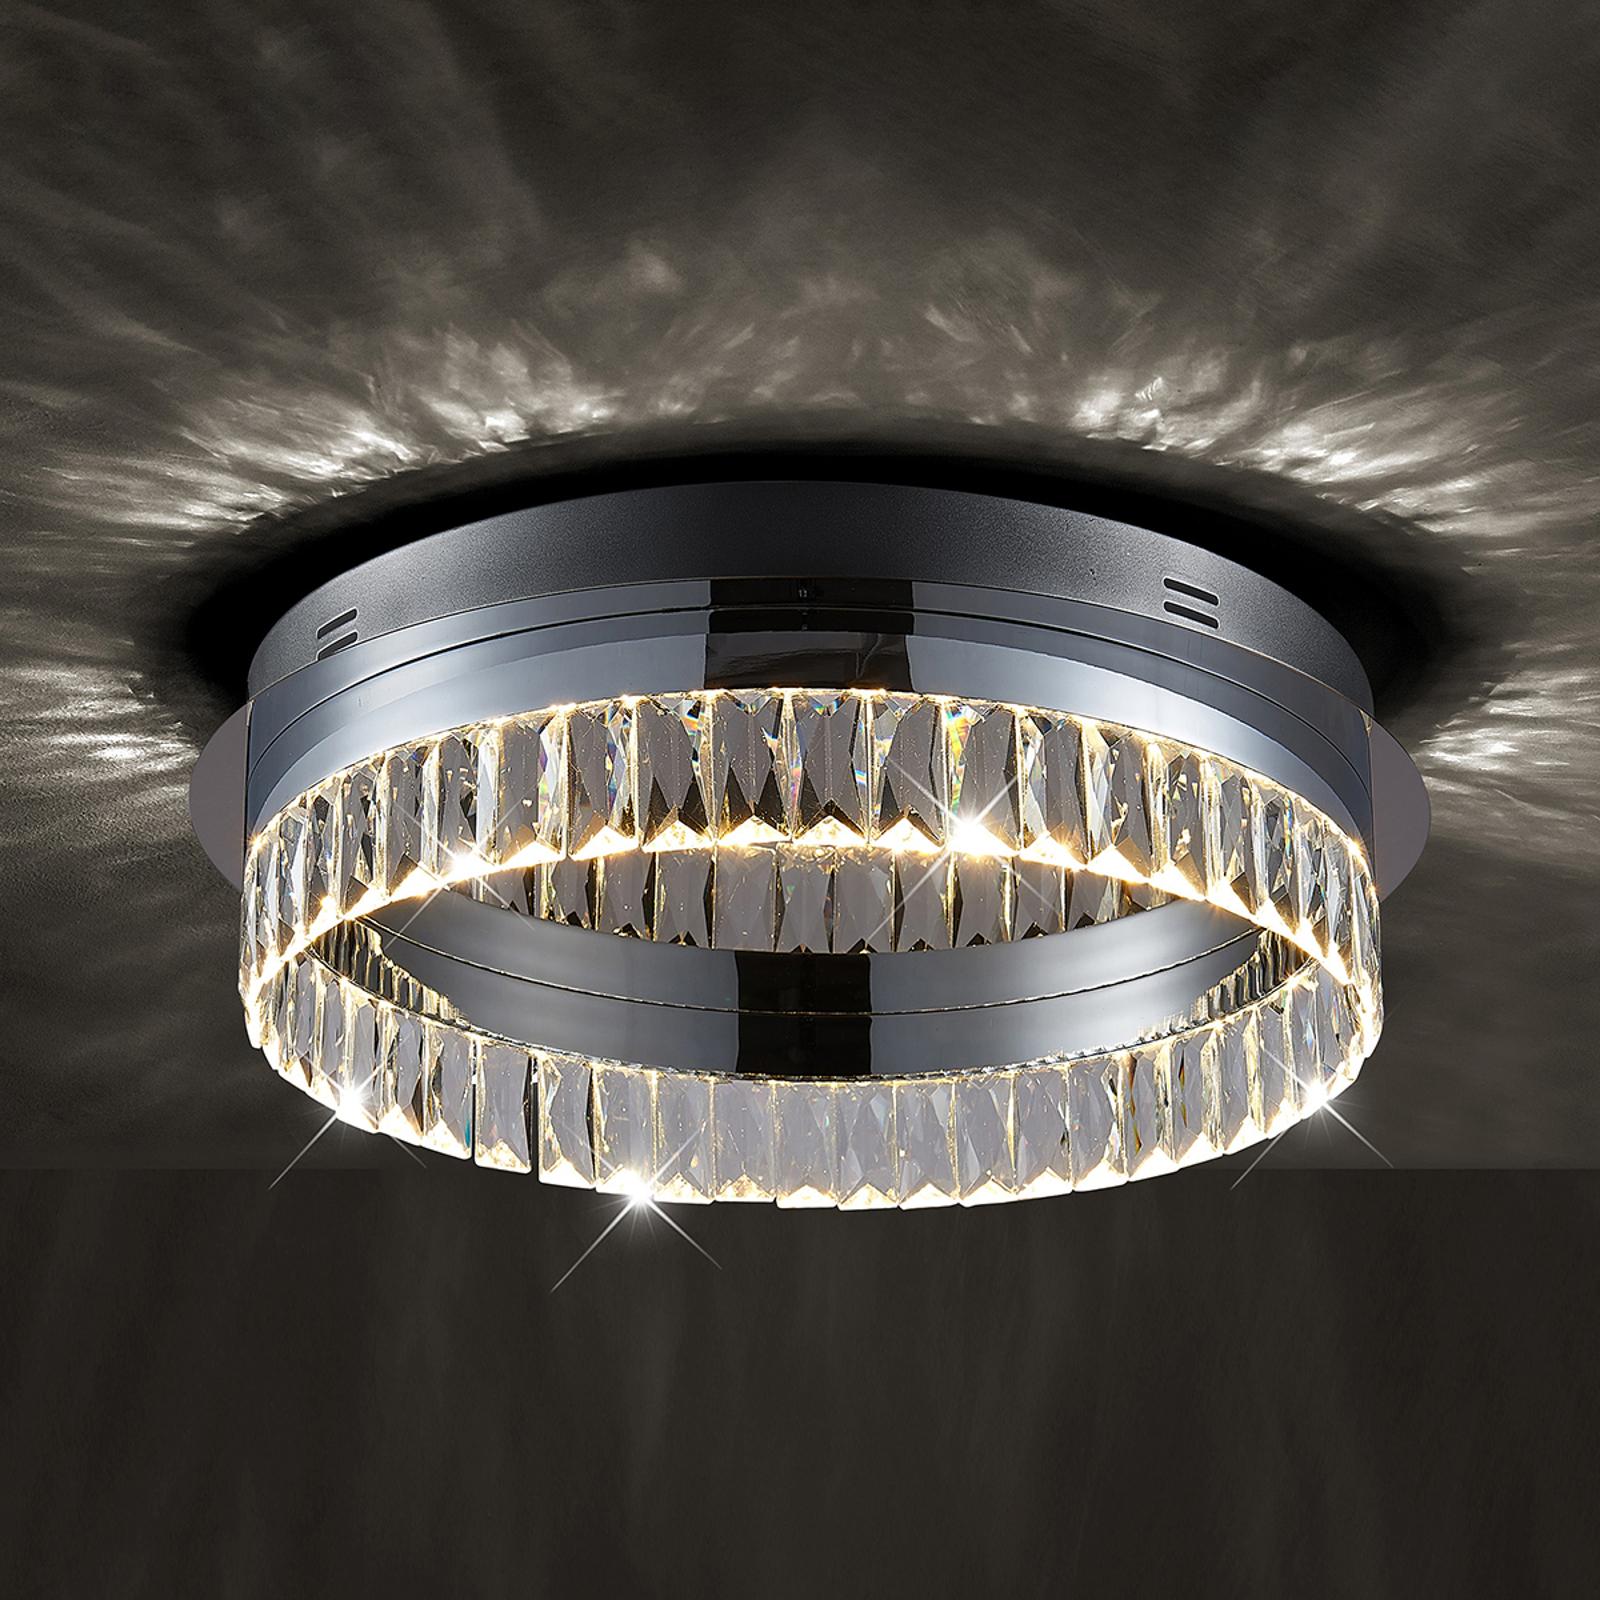 Plafonnier LED Carmi dimmable par interrupteur